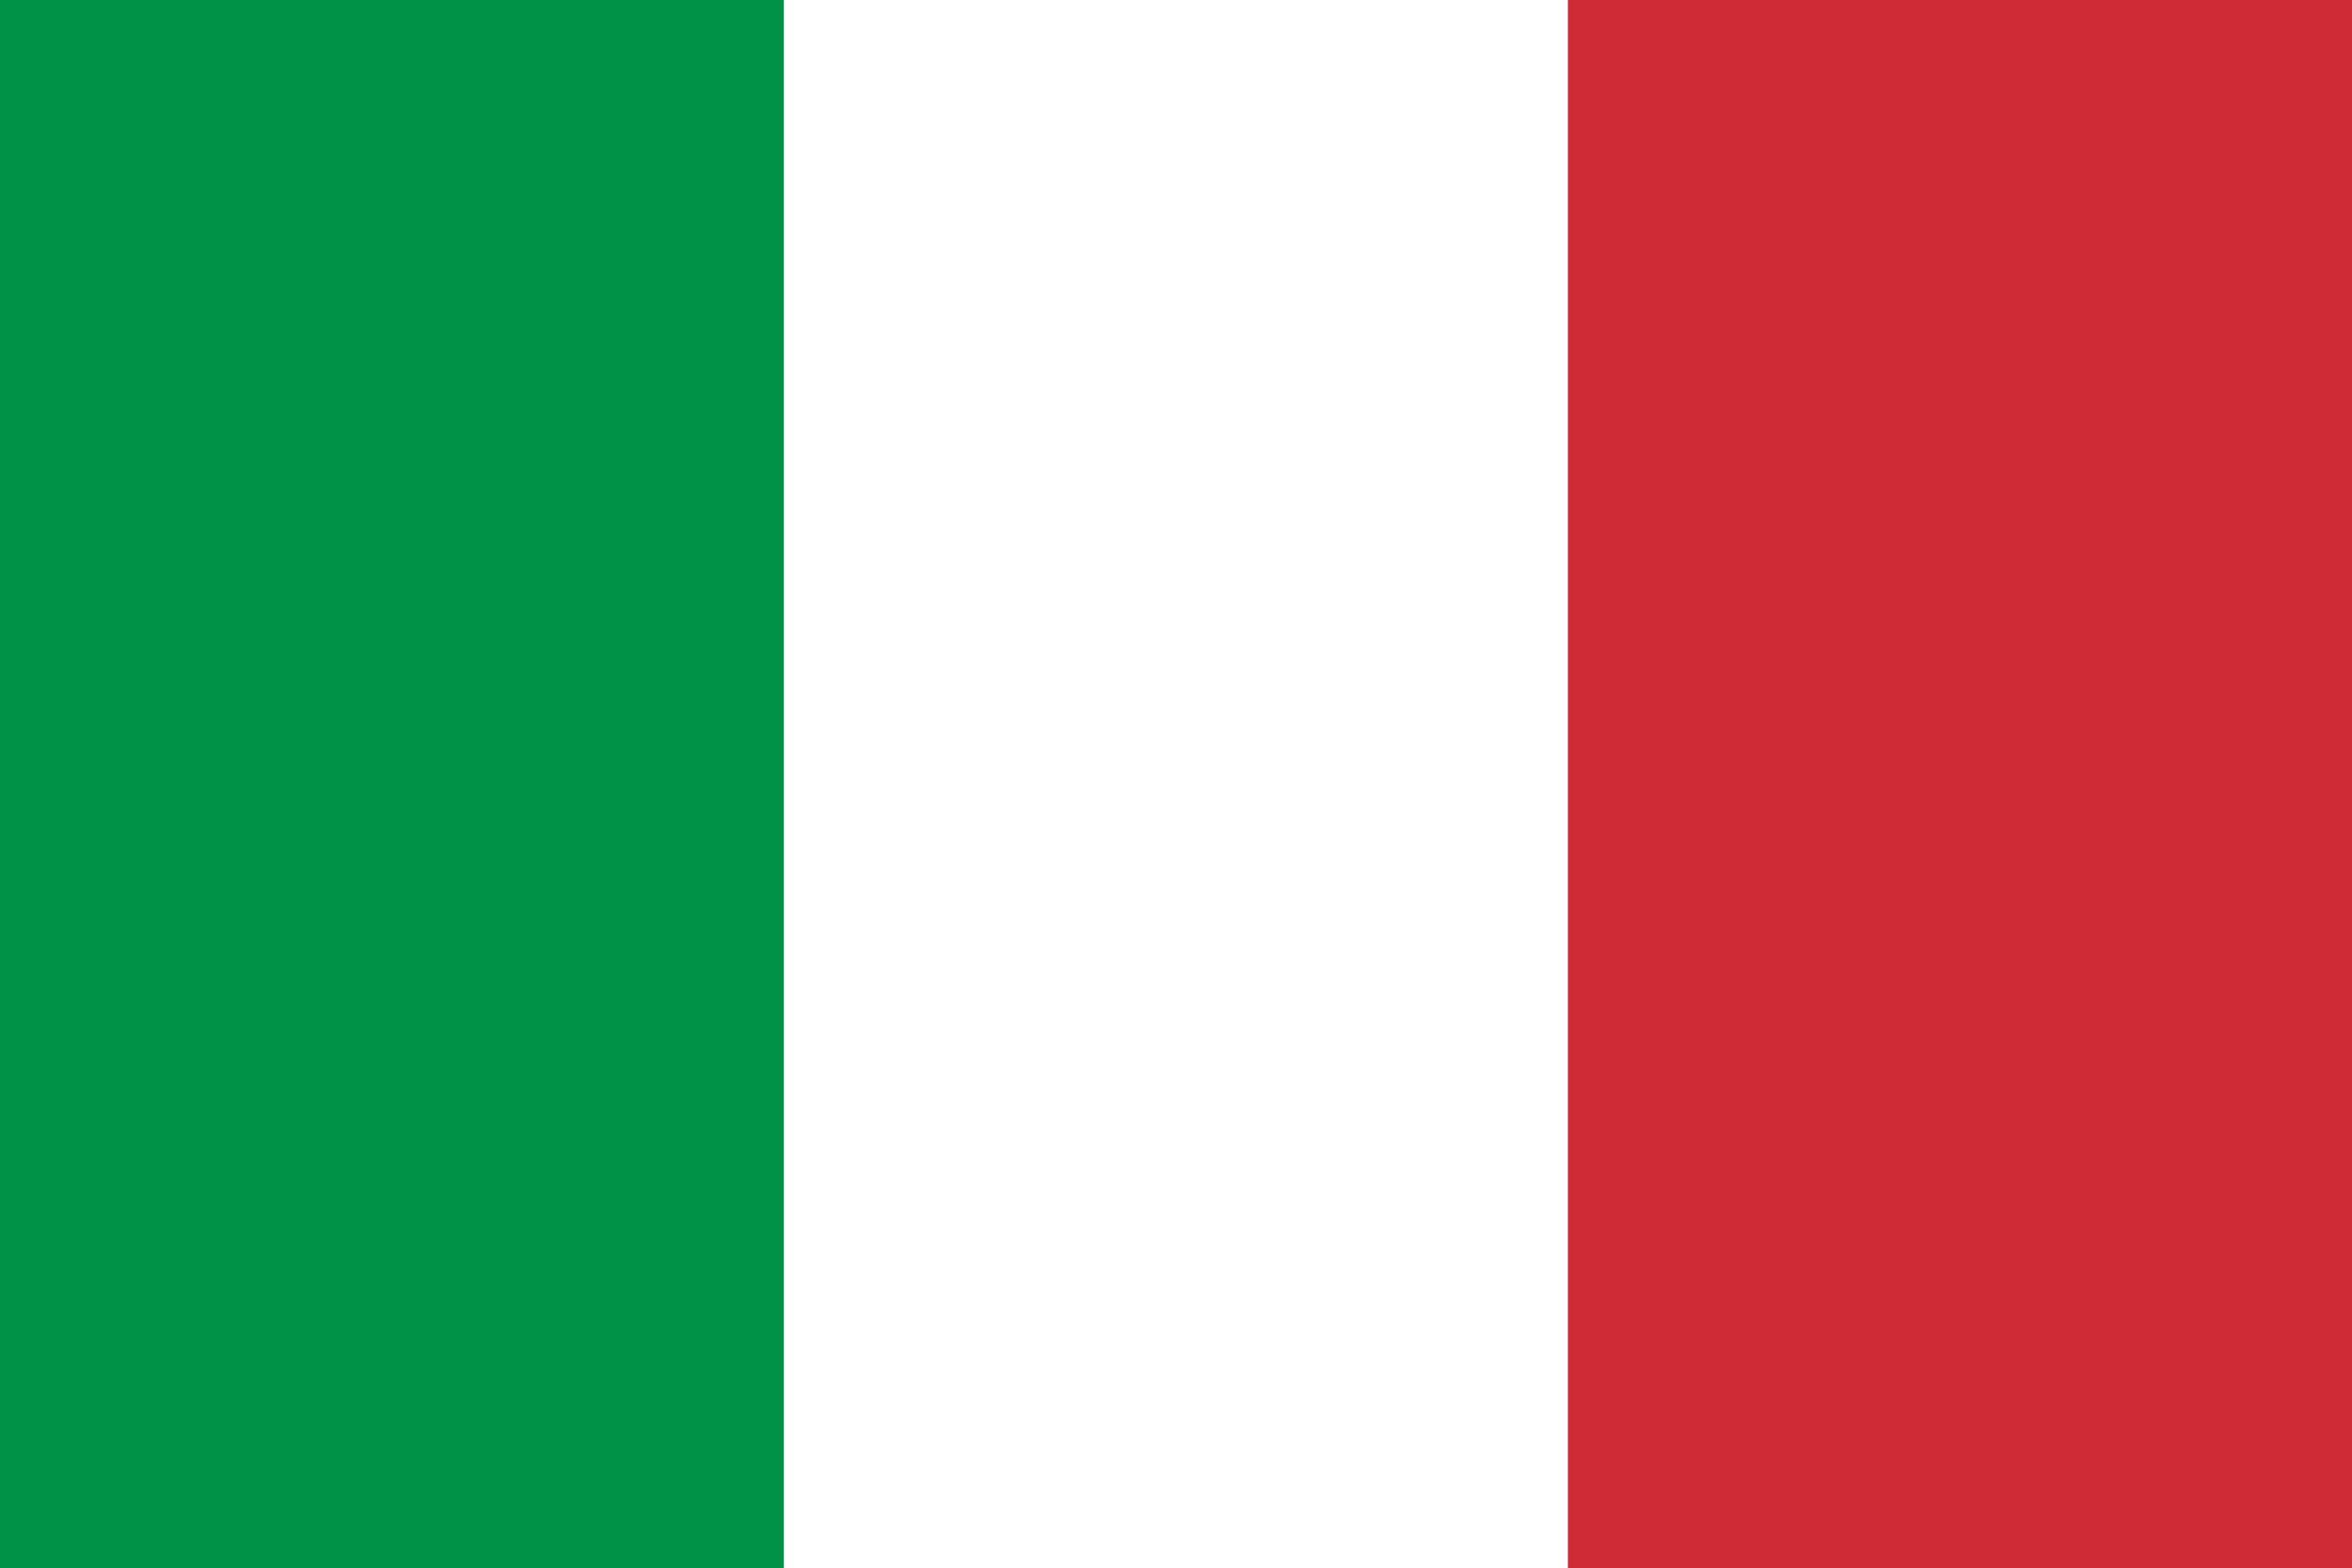 意大利, 国家, 会徽, 徽标, 符号 - 高清壁纸 - 教授-falken.com